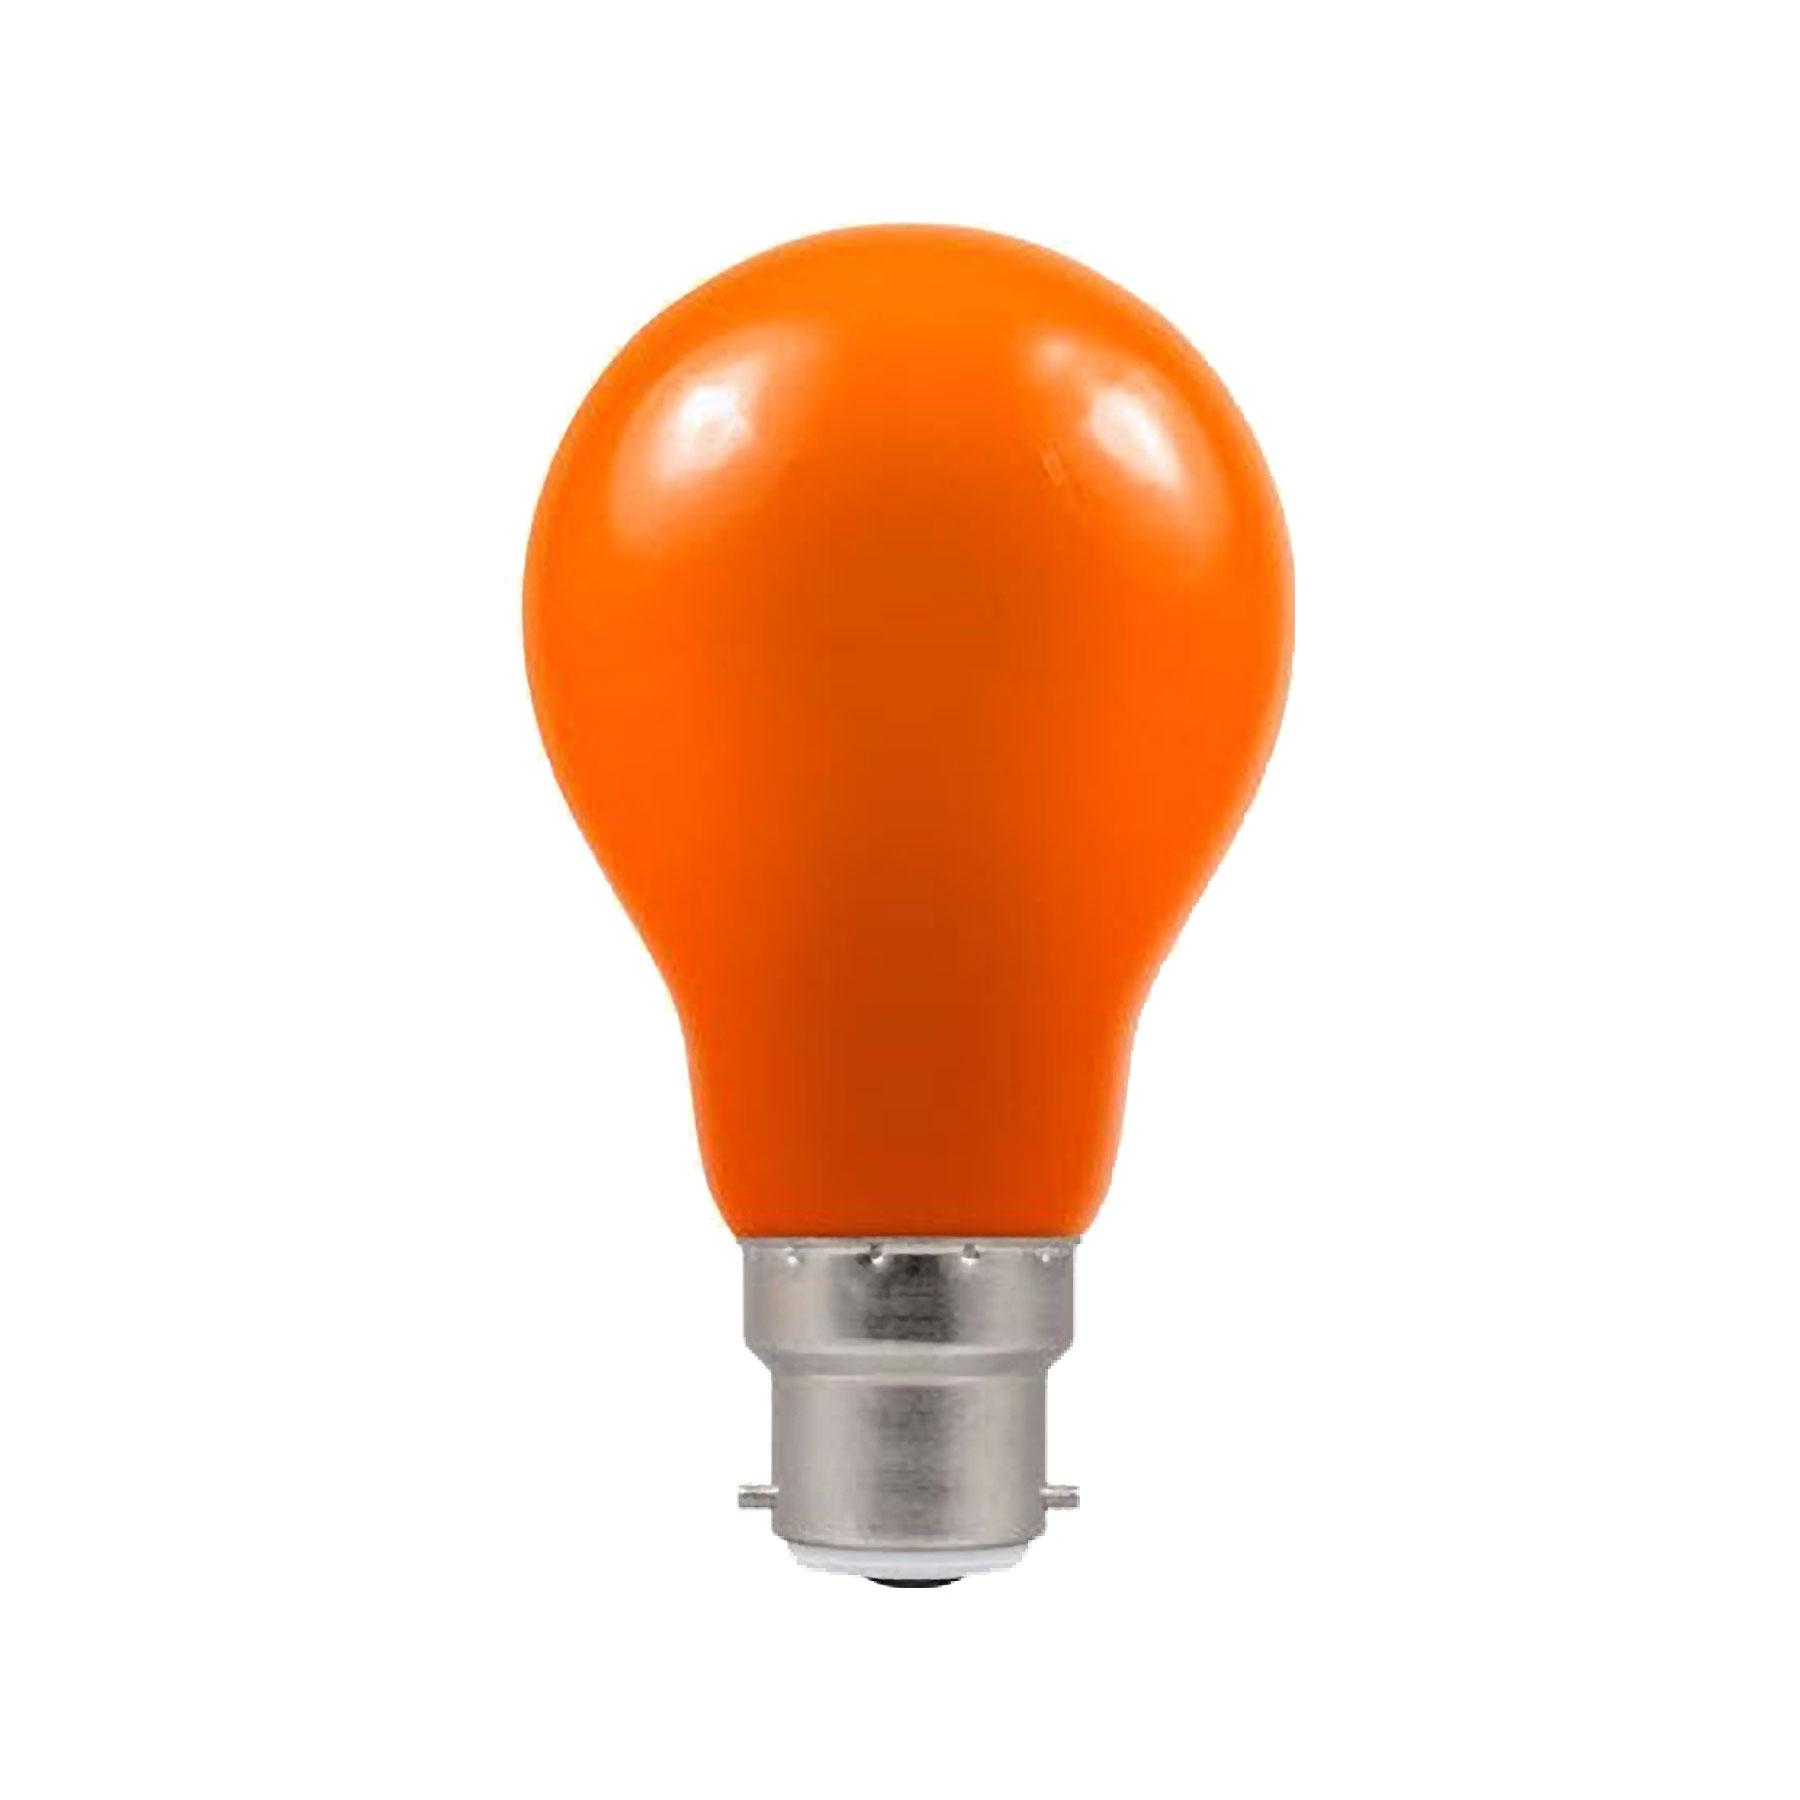 Crompton 1.5watt GLS LED BC B22 Bayonet Cap Amber Bulb - The ...